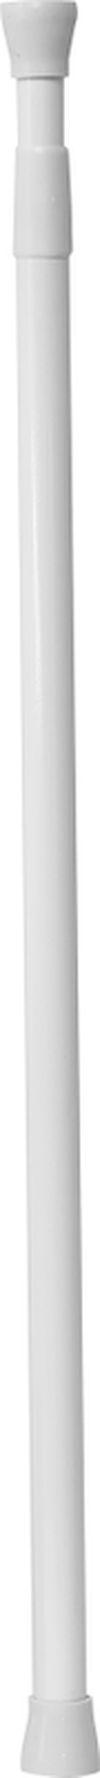 Tija glisanta pentru perdea 70-110cm alba, aluminiu